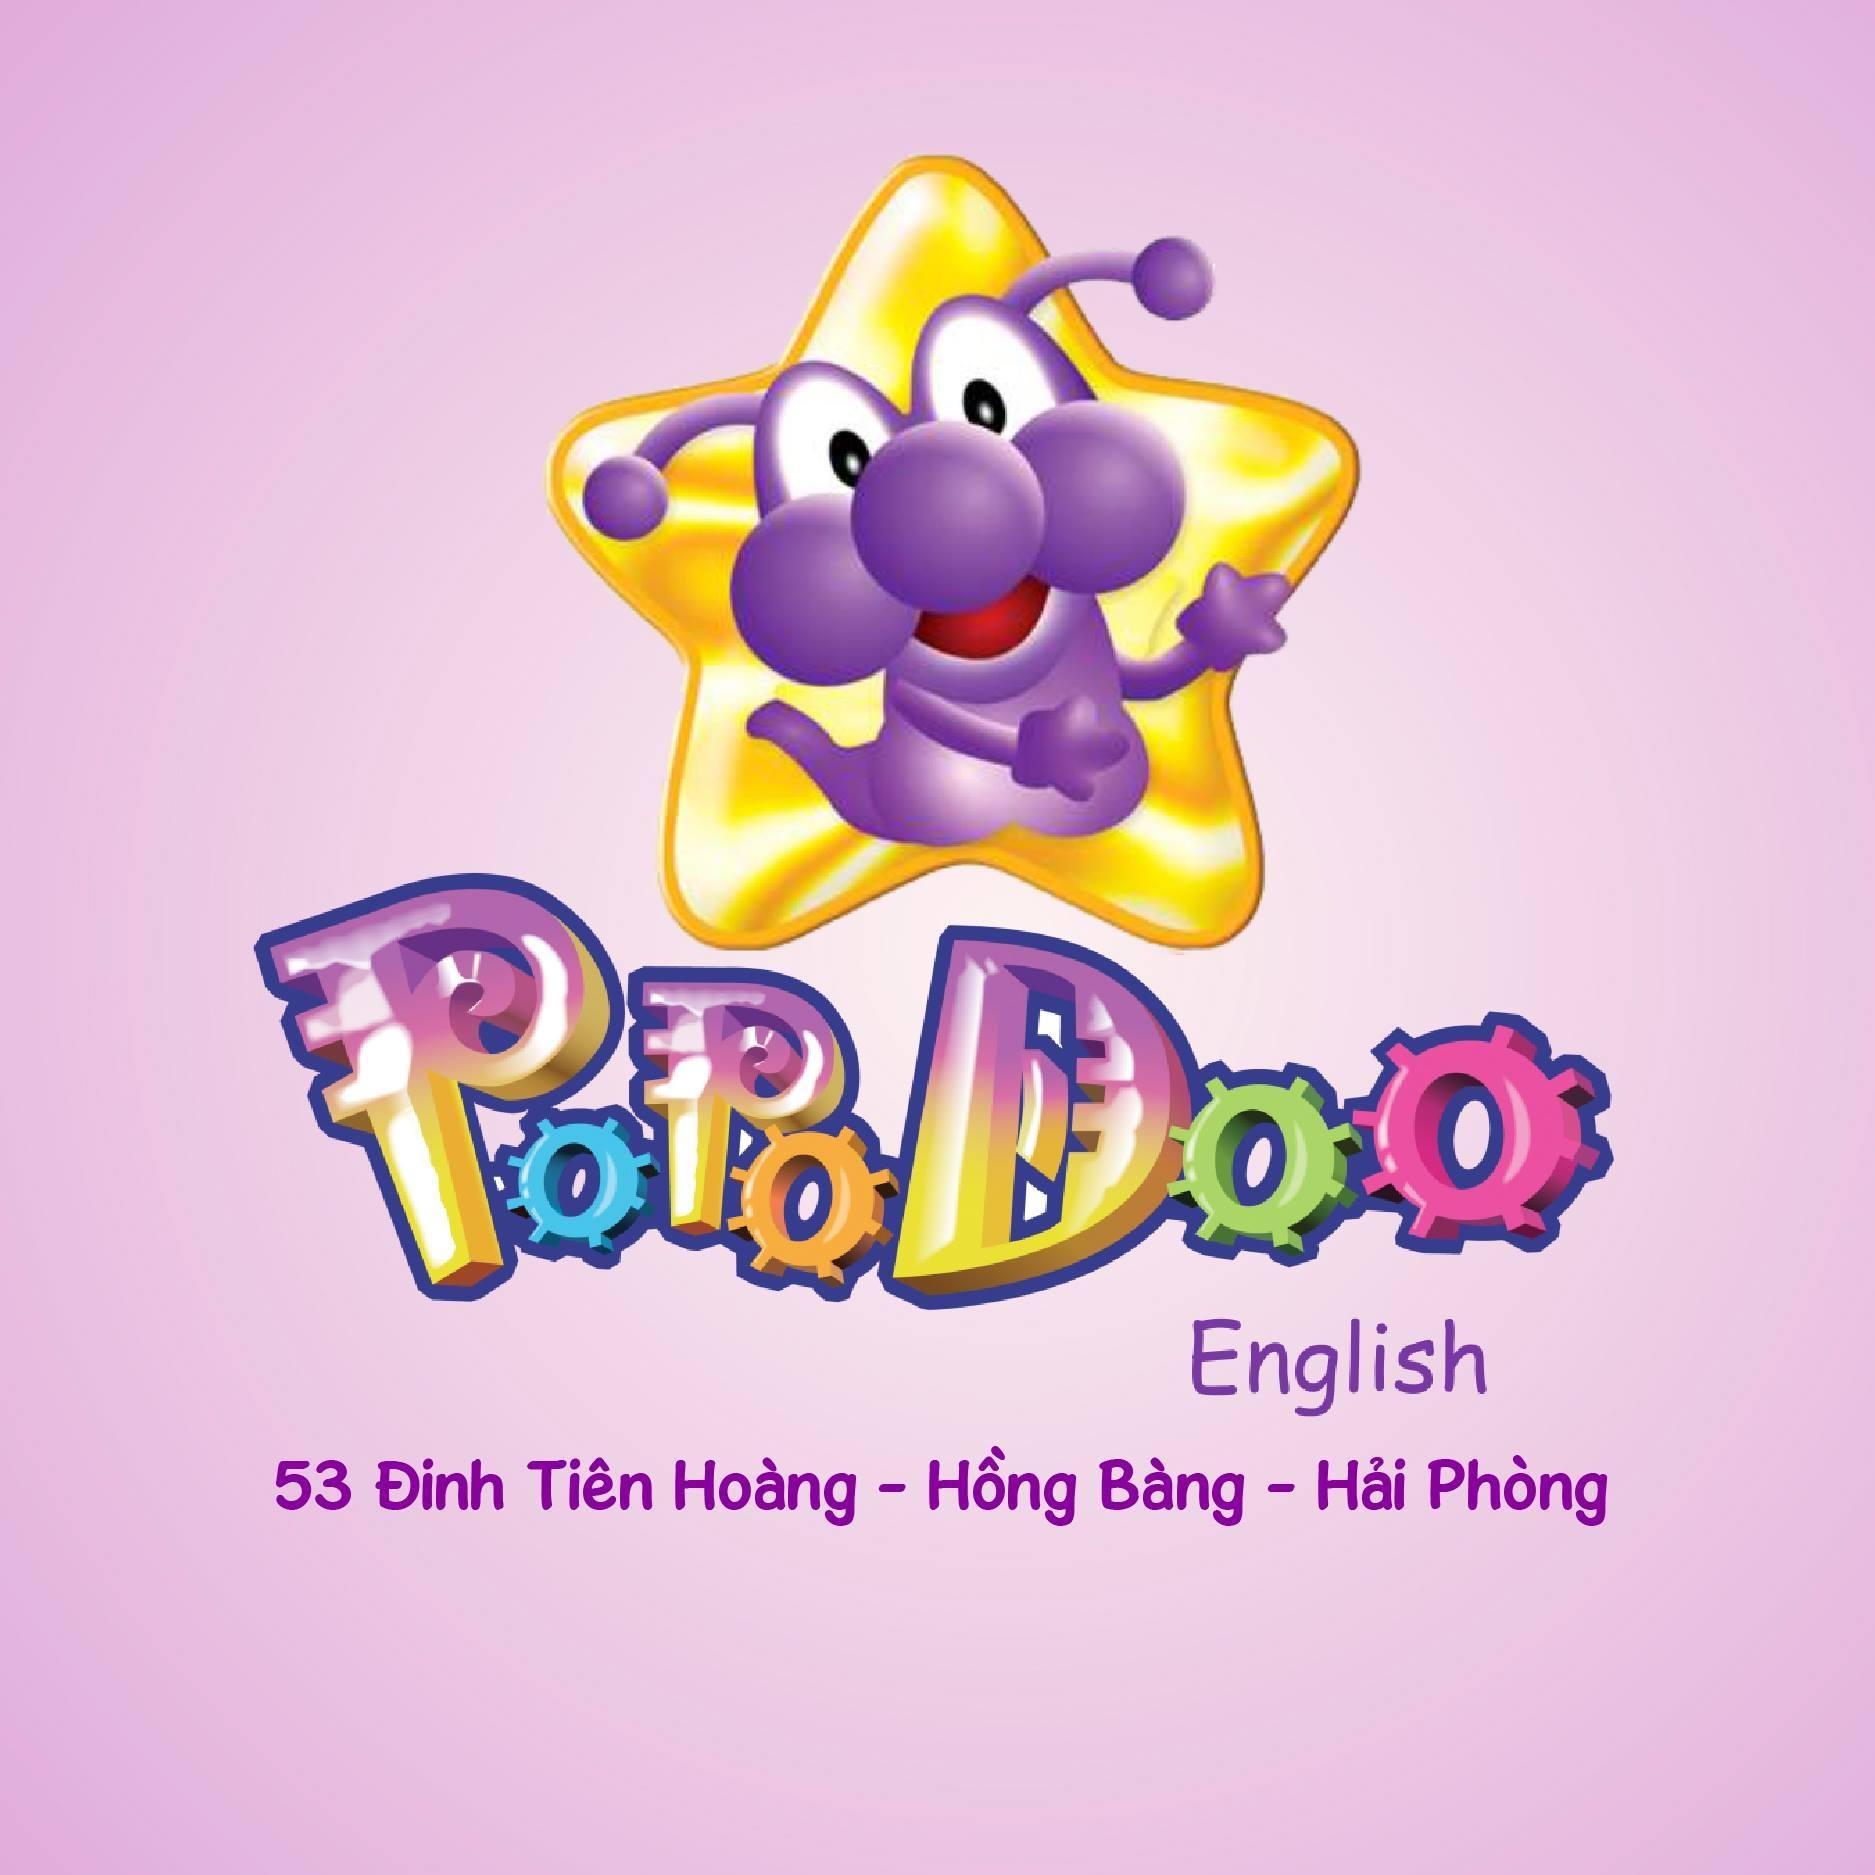 Trung tâm Anh ngữ Quốc tế PoPoDoo Hải Phòng